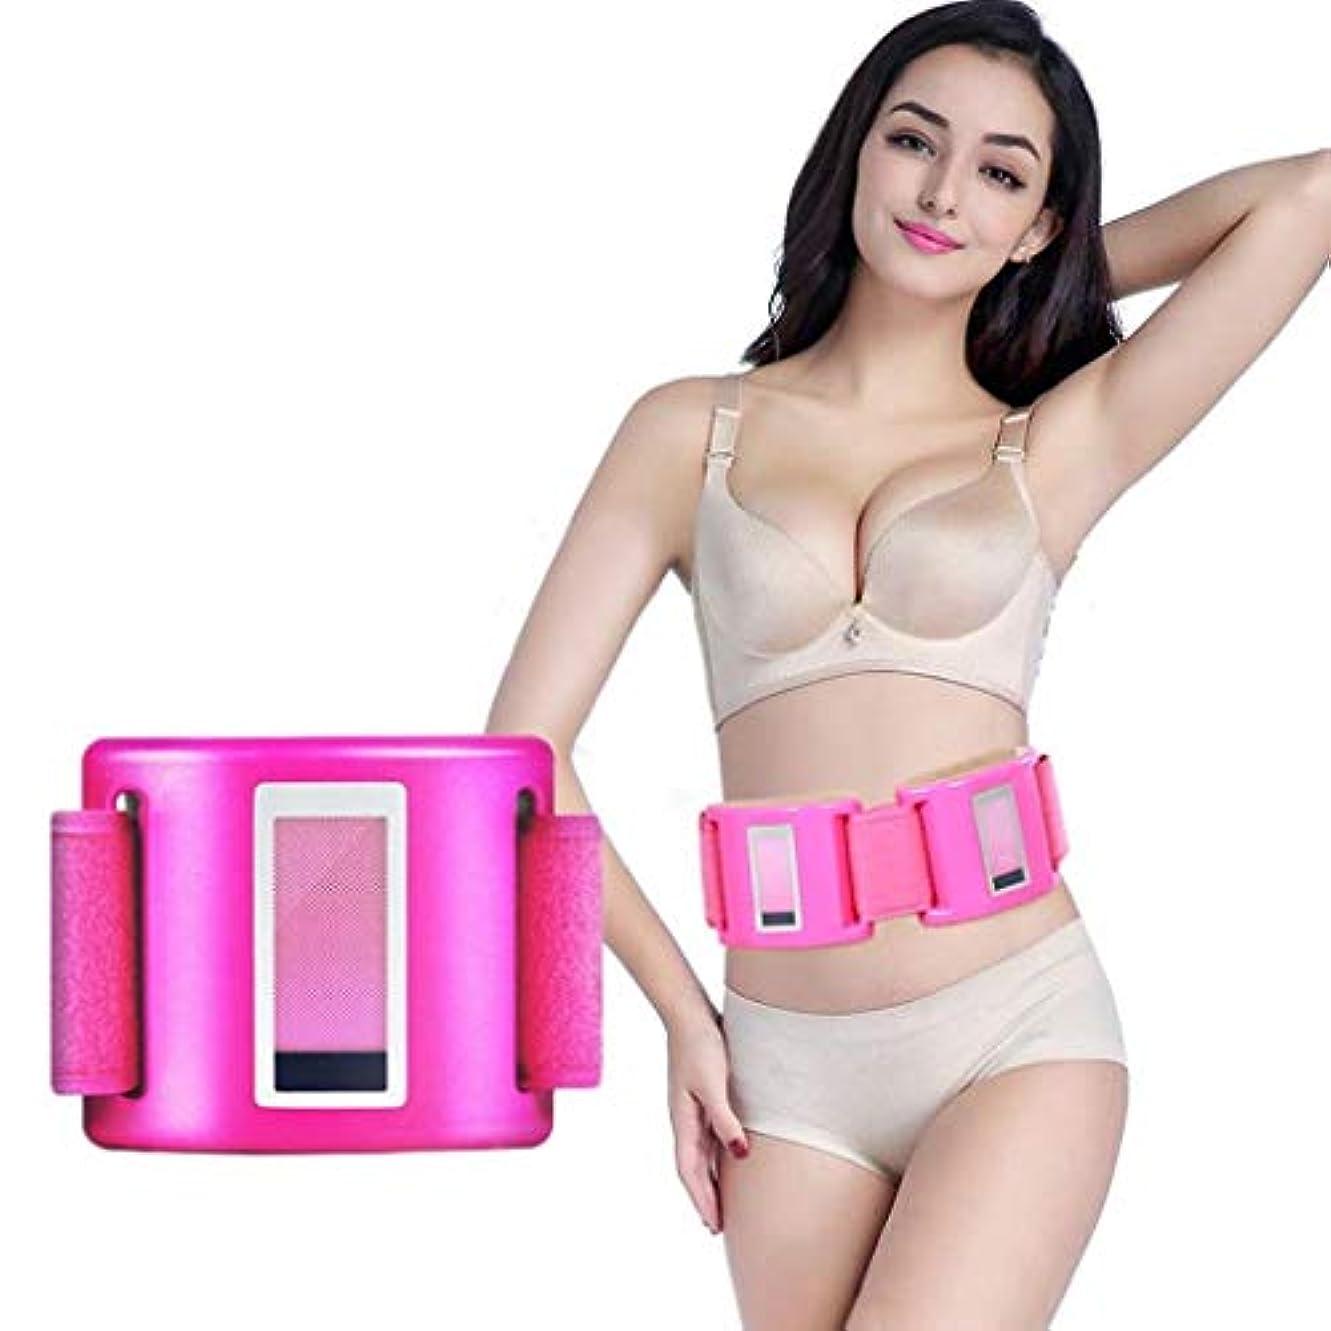 腹部のマッサージャー、電気細くの熱振動の専門ボディベルト、脂肪質の非常に熱いベルトの電気腹部の脂肪質のマッサージャーの細い機械減量の弛緩 (Color : Red)